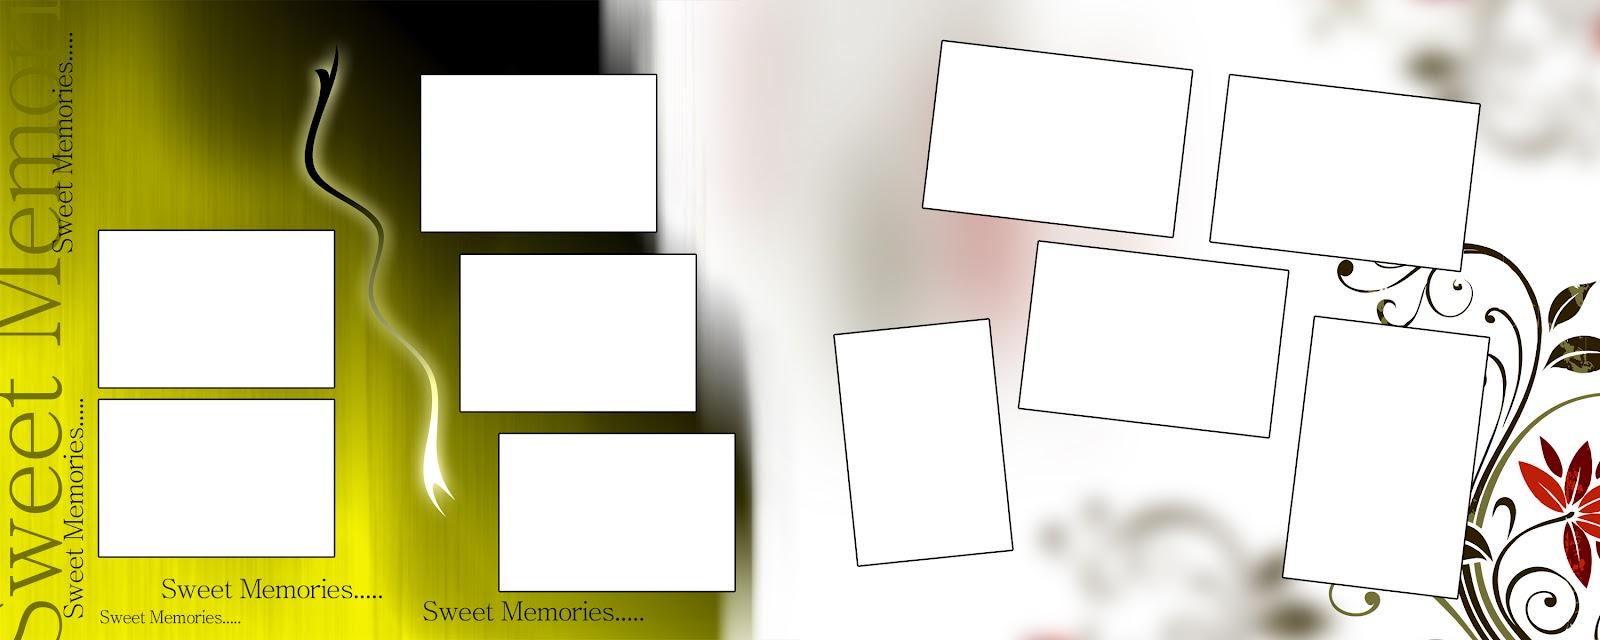 ... : Karizma Album Backgrounds | Karizma Backgrounds | Karizma 12x30